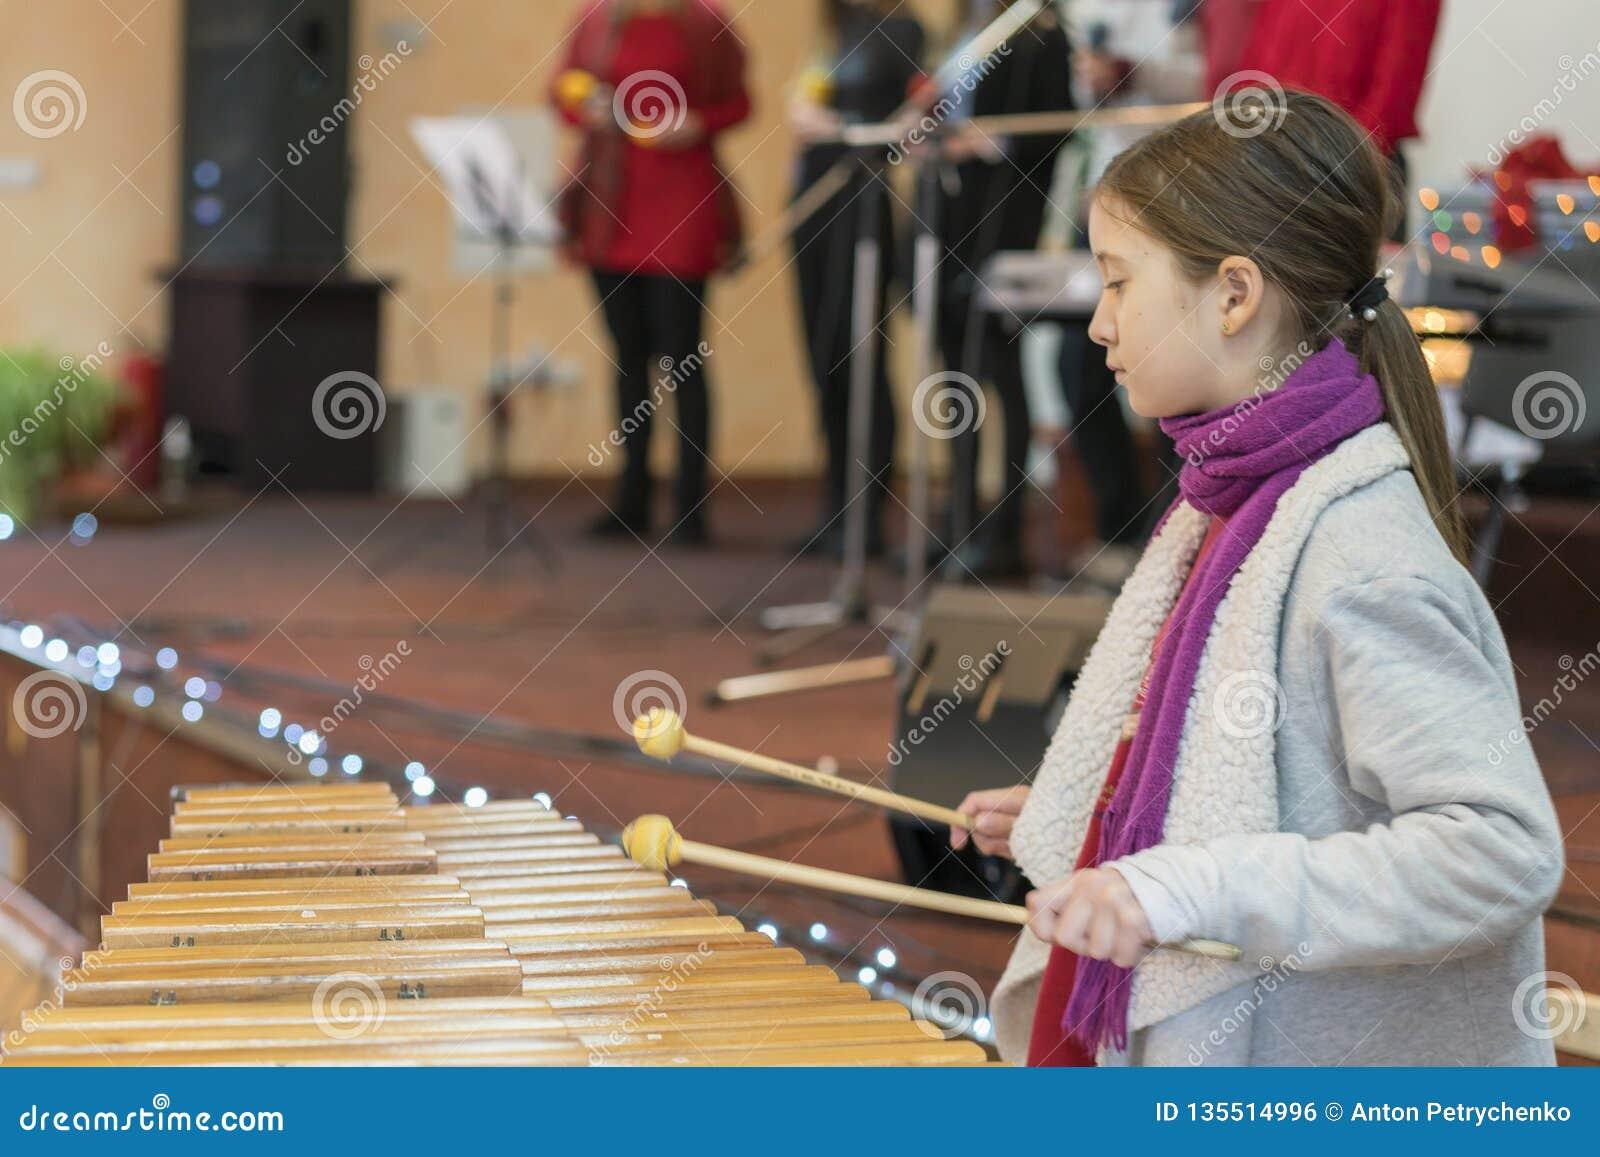 Flicka 9 år gammal spela yrkesmässig xylofon